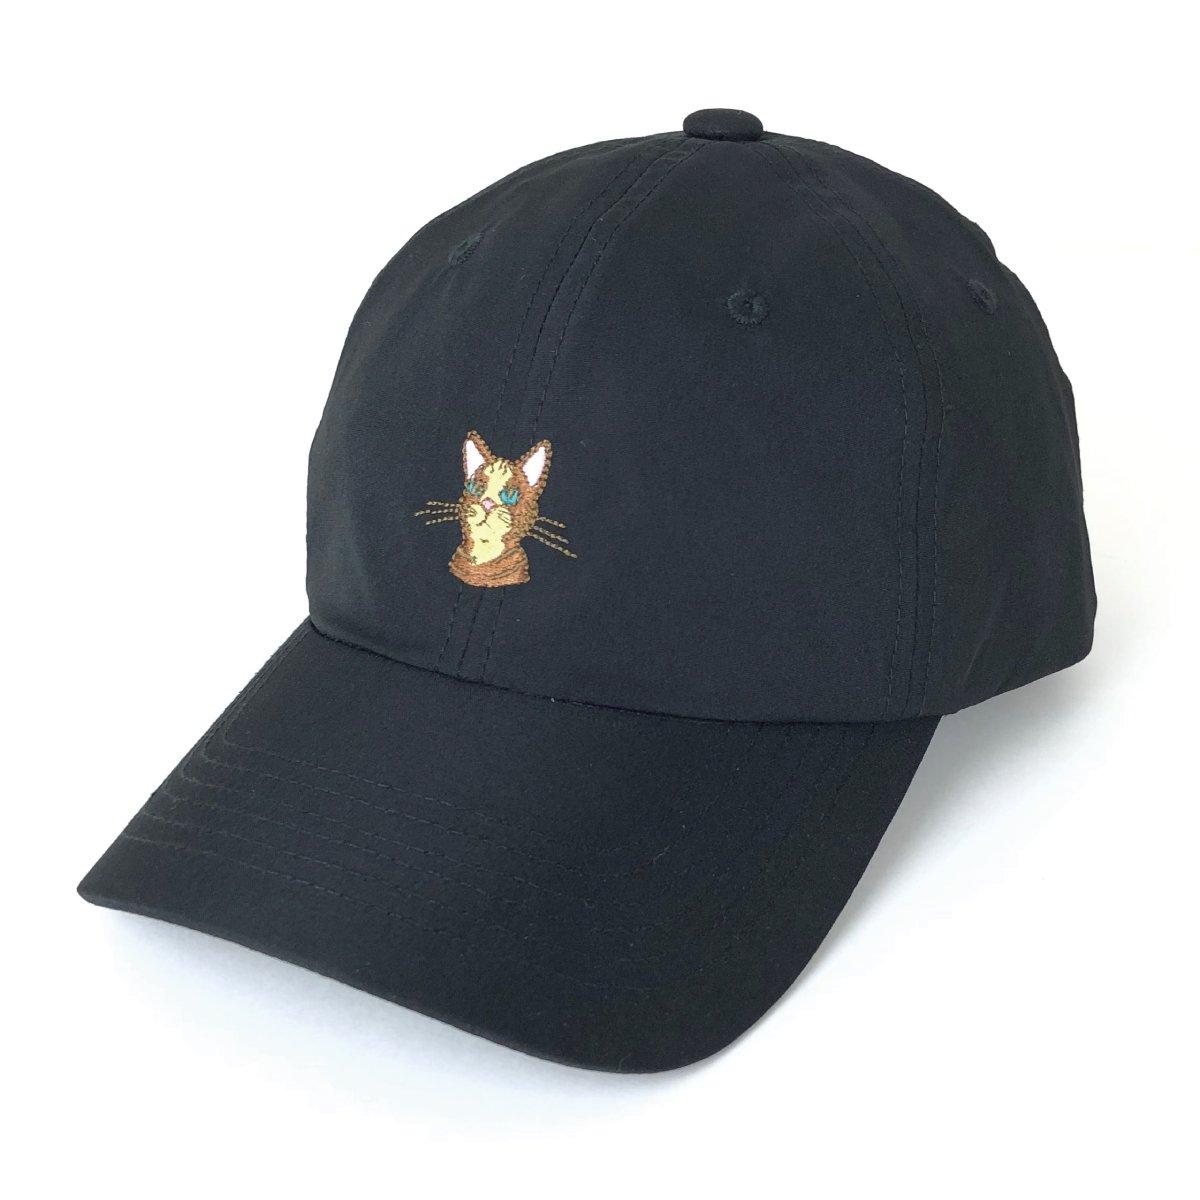 My Buddy Cat Cap 詳細画像3